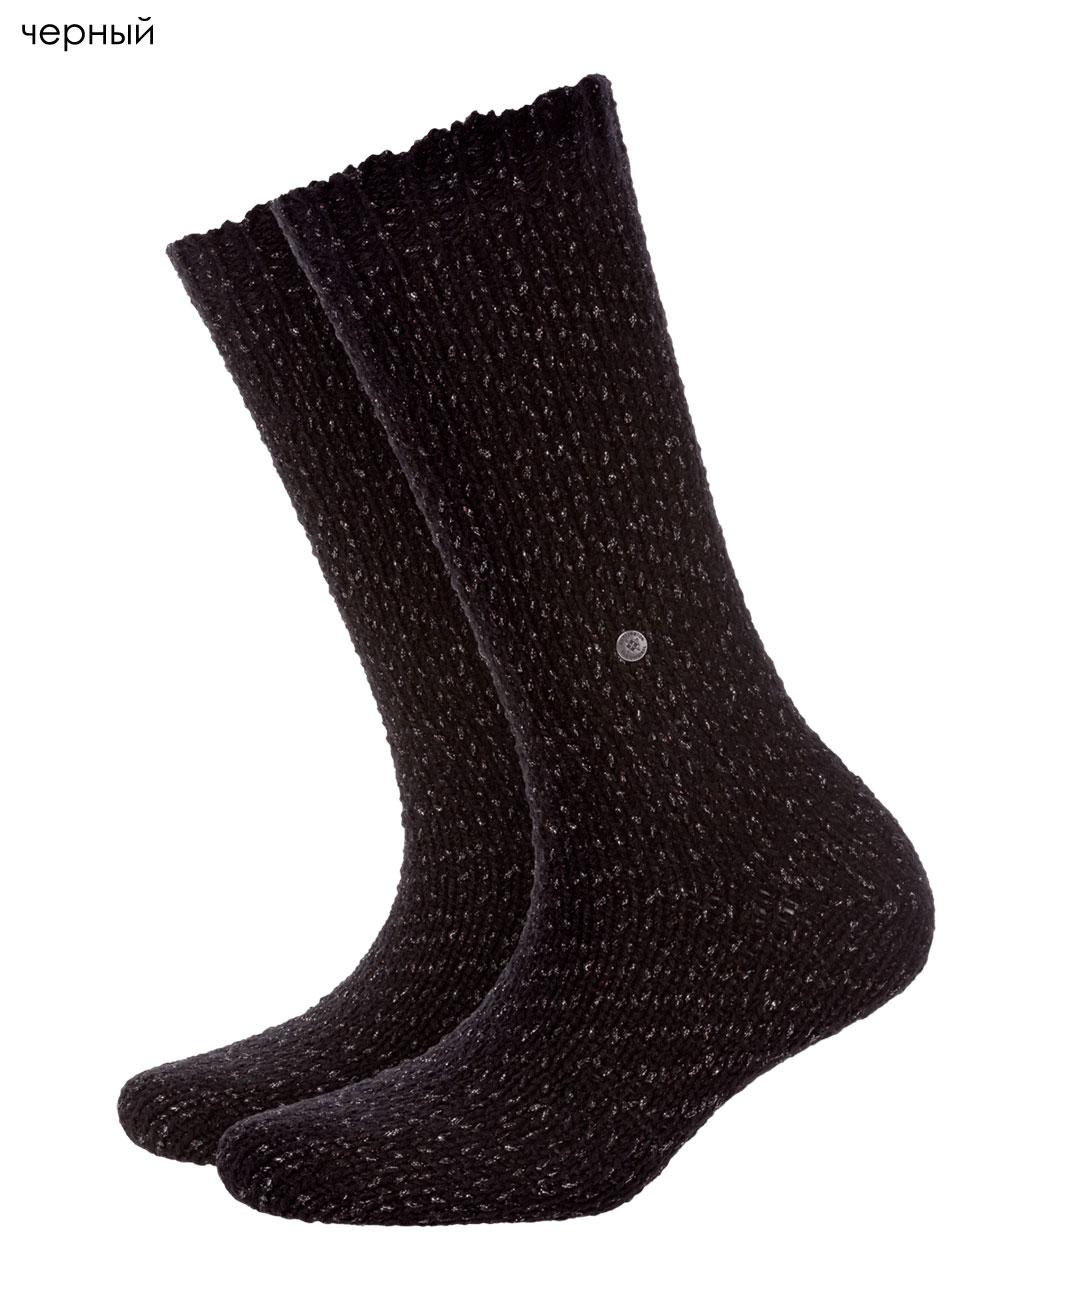 Женские шерстяные носки с люрексом 20611 November Rain Burlington